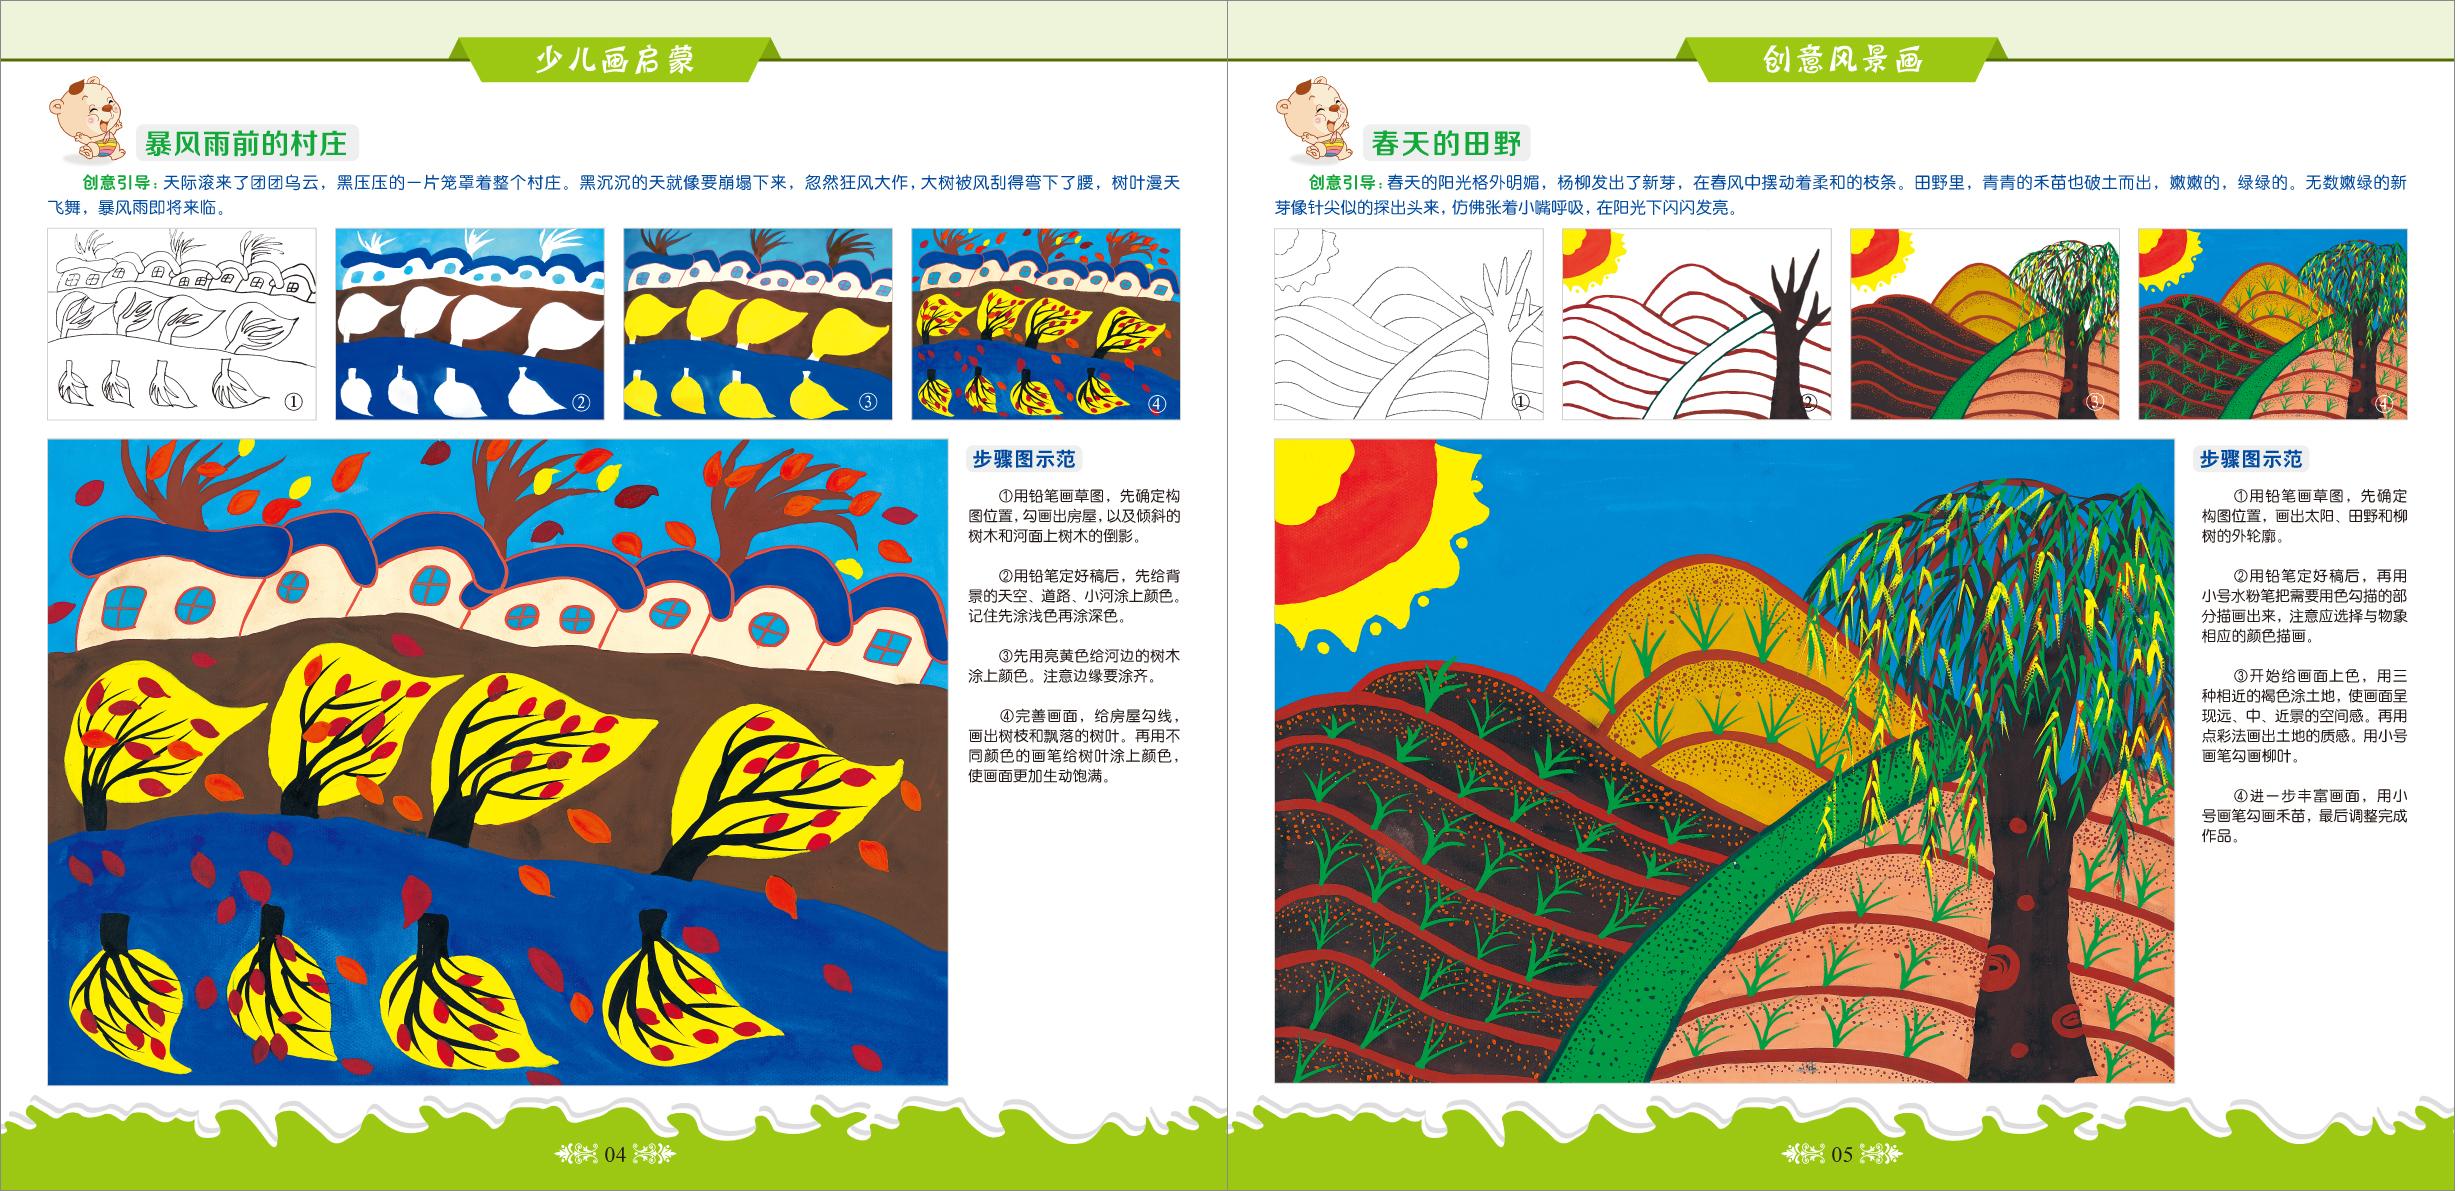 全4册 少儿画启蒙 创意卡通画/油画棒画/风景画/线描画 新编儿童美术